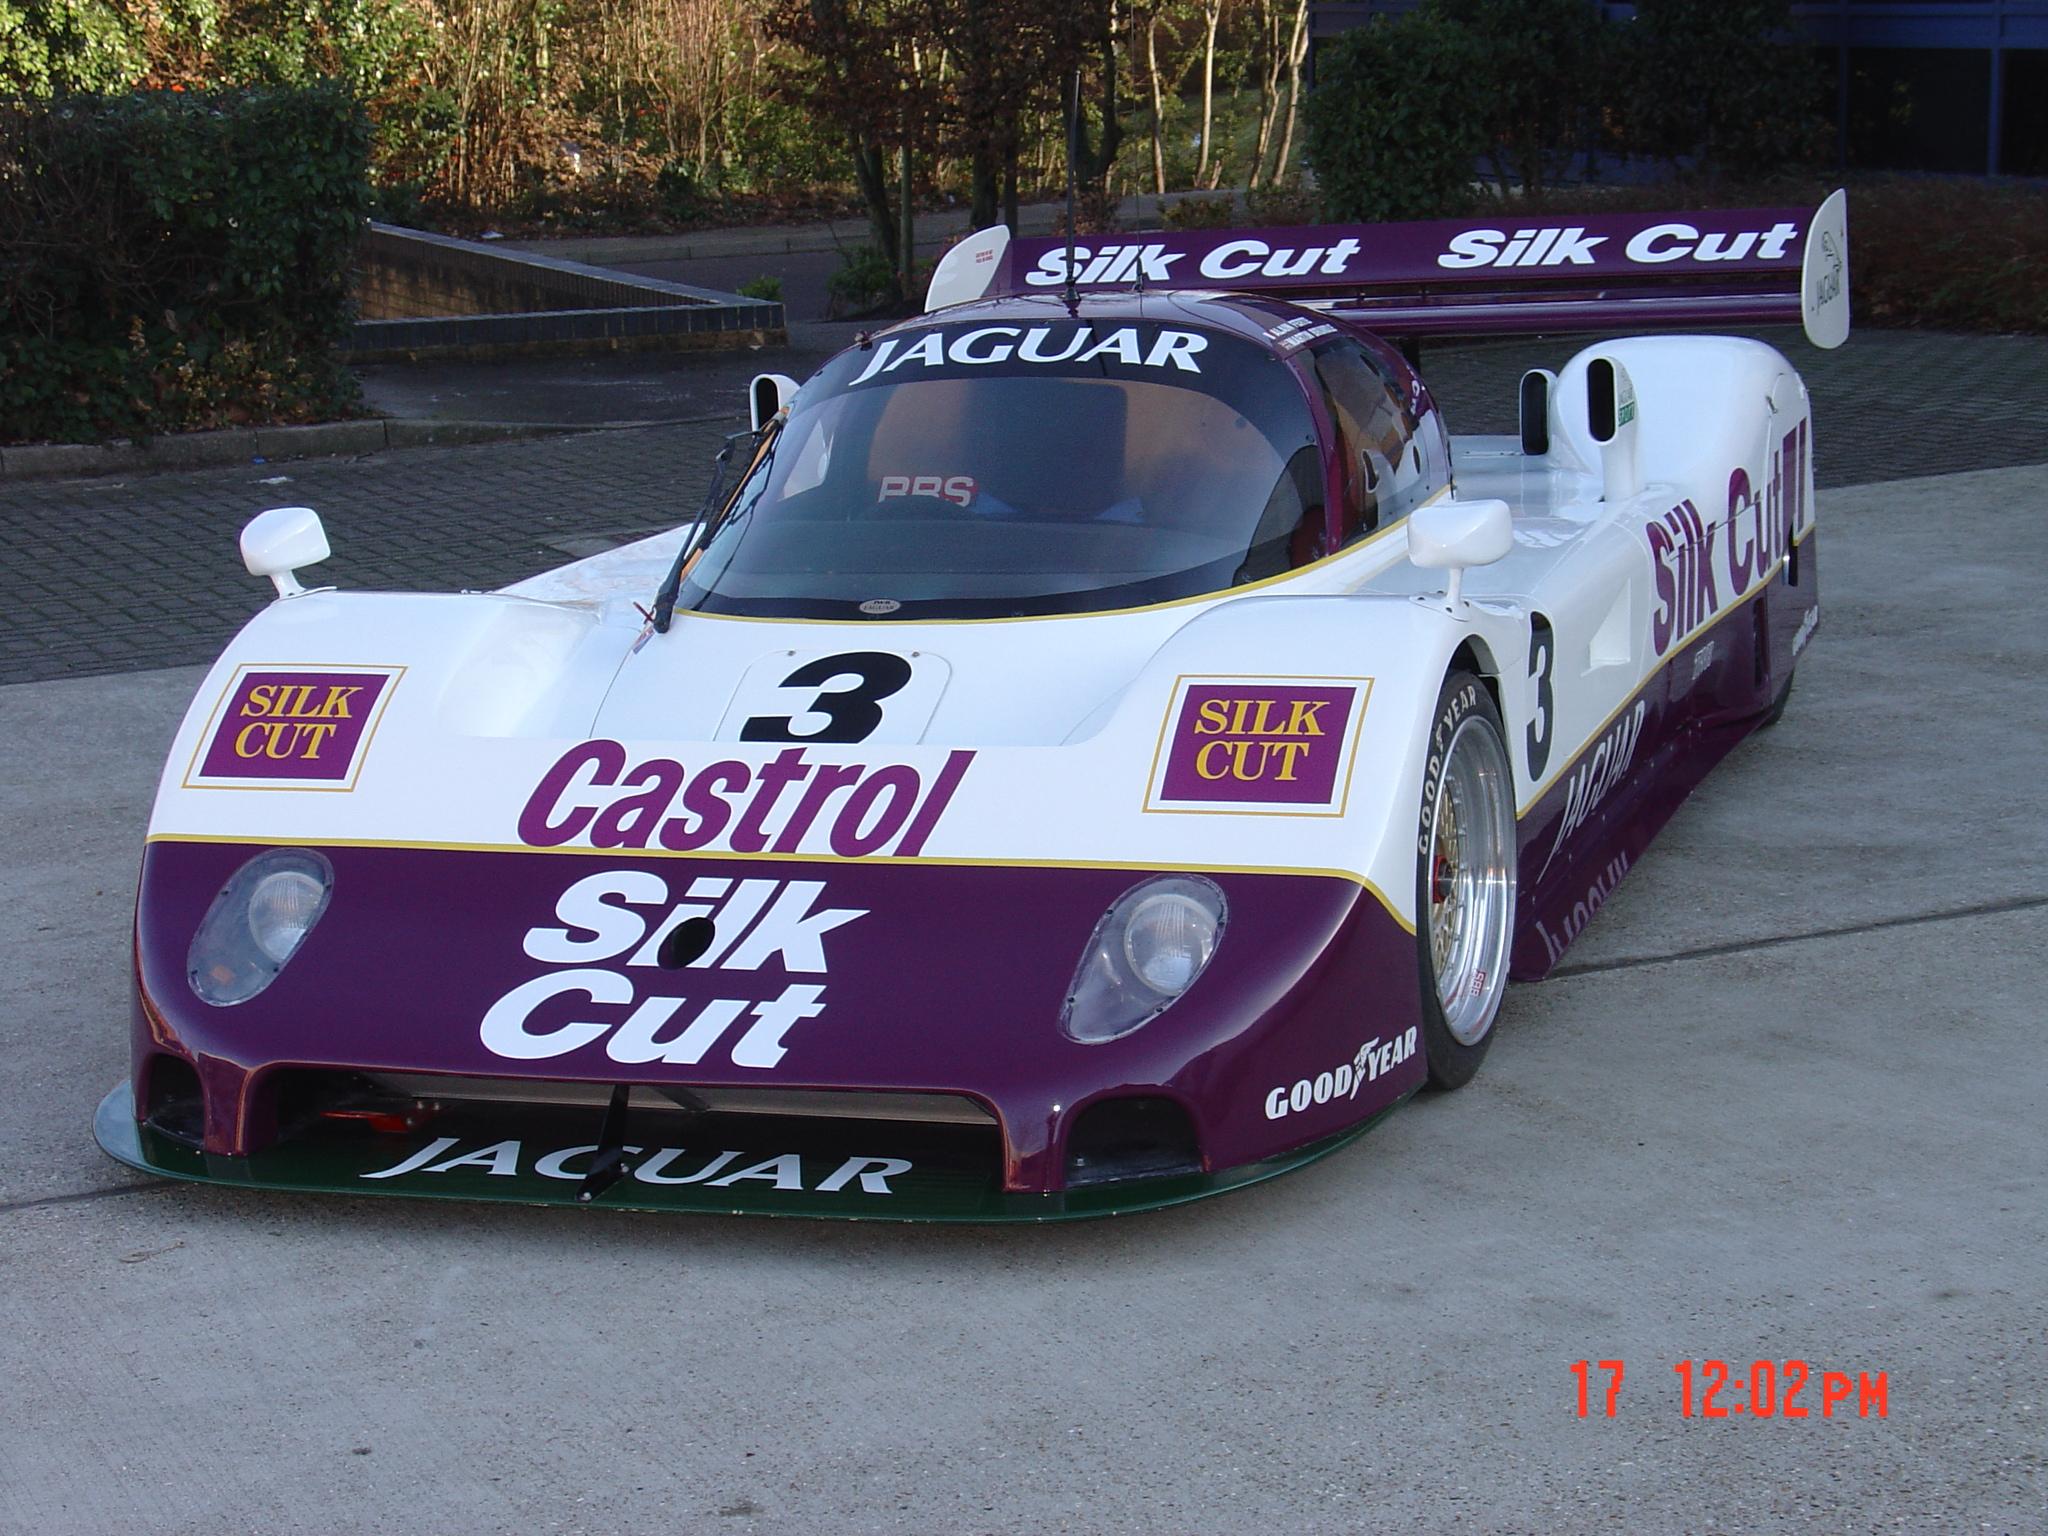 Xjr 11 Silk Cut Jaguar Group C Show Car Now Sold Group 6